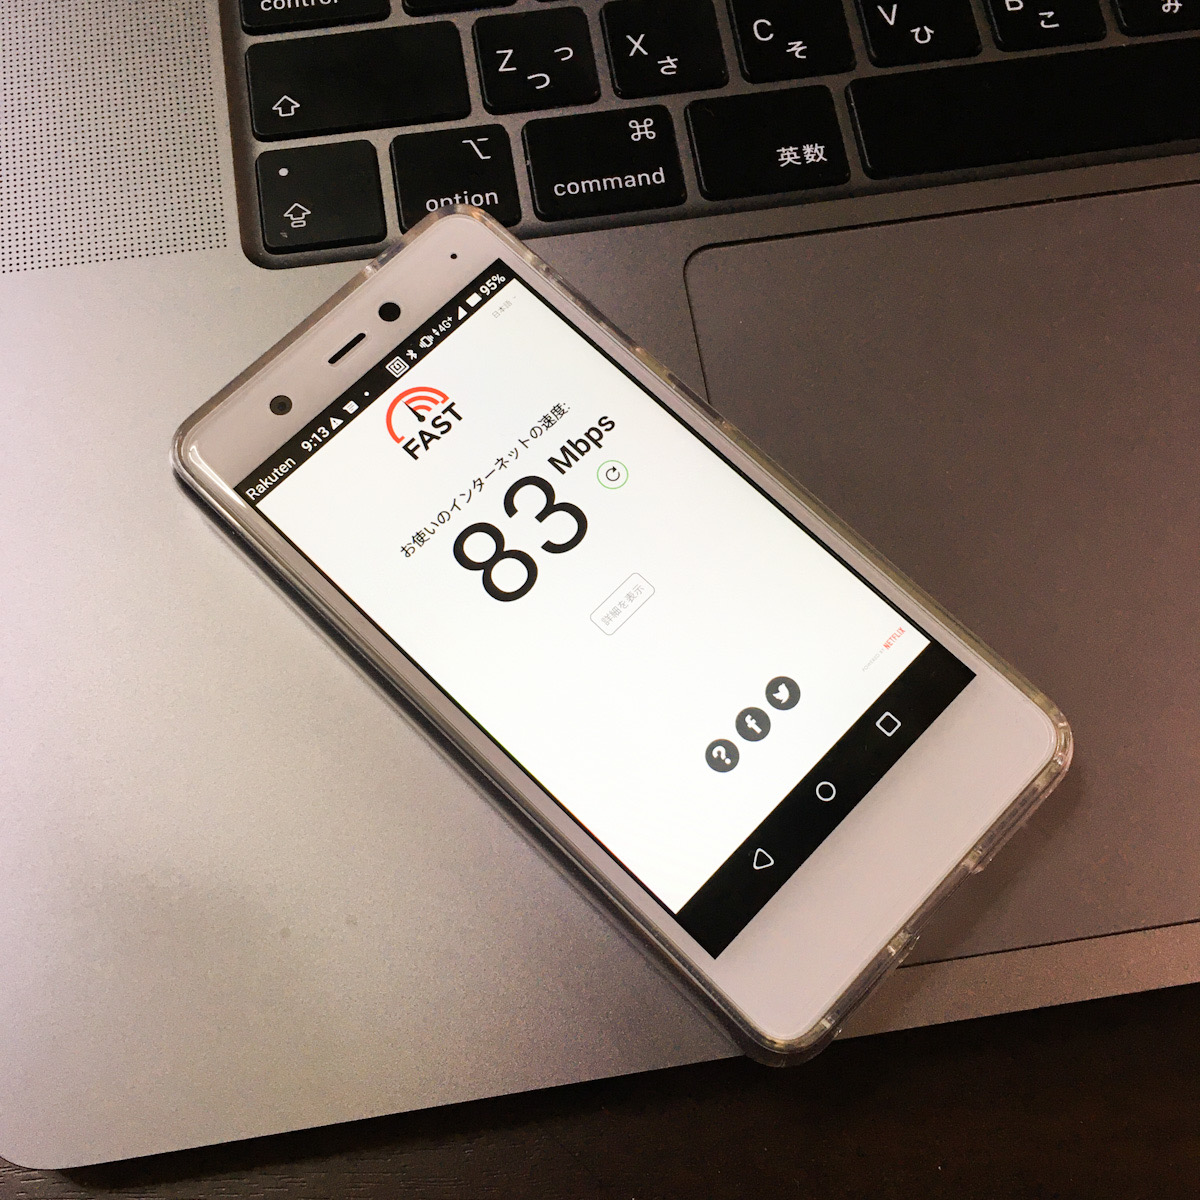 楽天モバイルの無料サポータープログラムに当選したので、楽天miniを使ってみてる